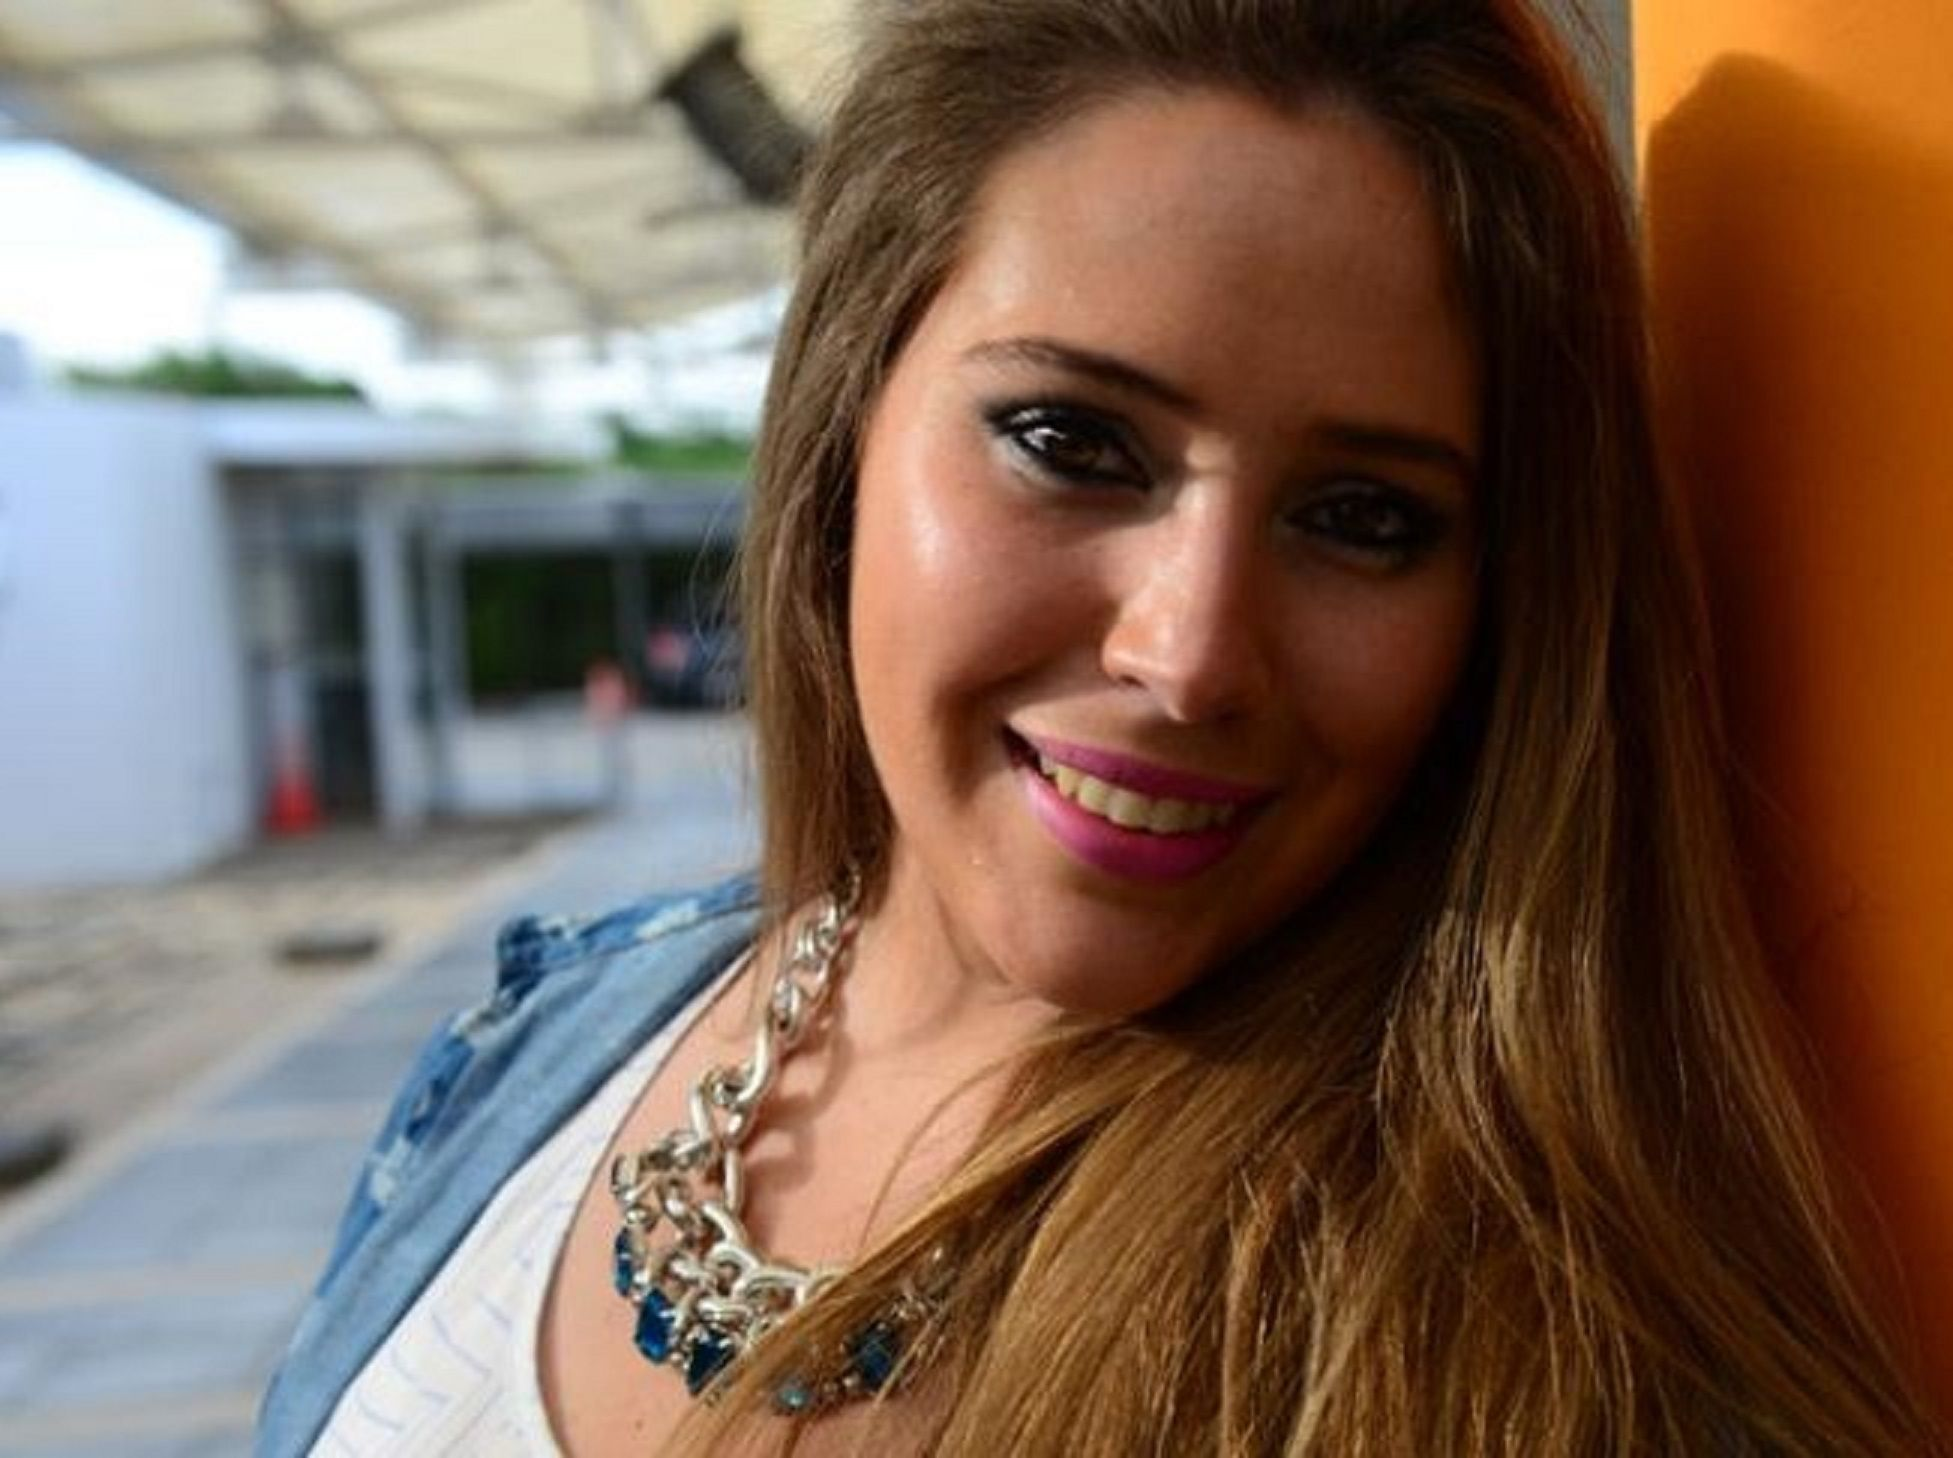 Mar Tarres denunció que no la dejaron entrar a un boliche por gorda